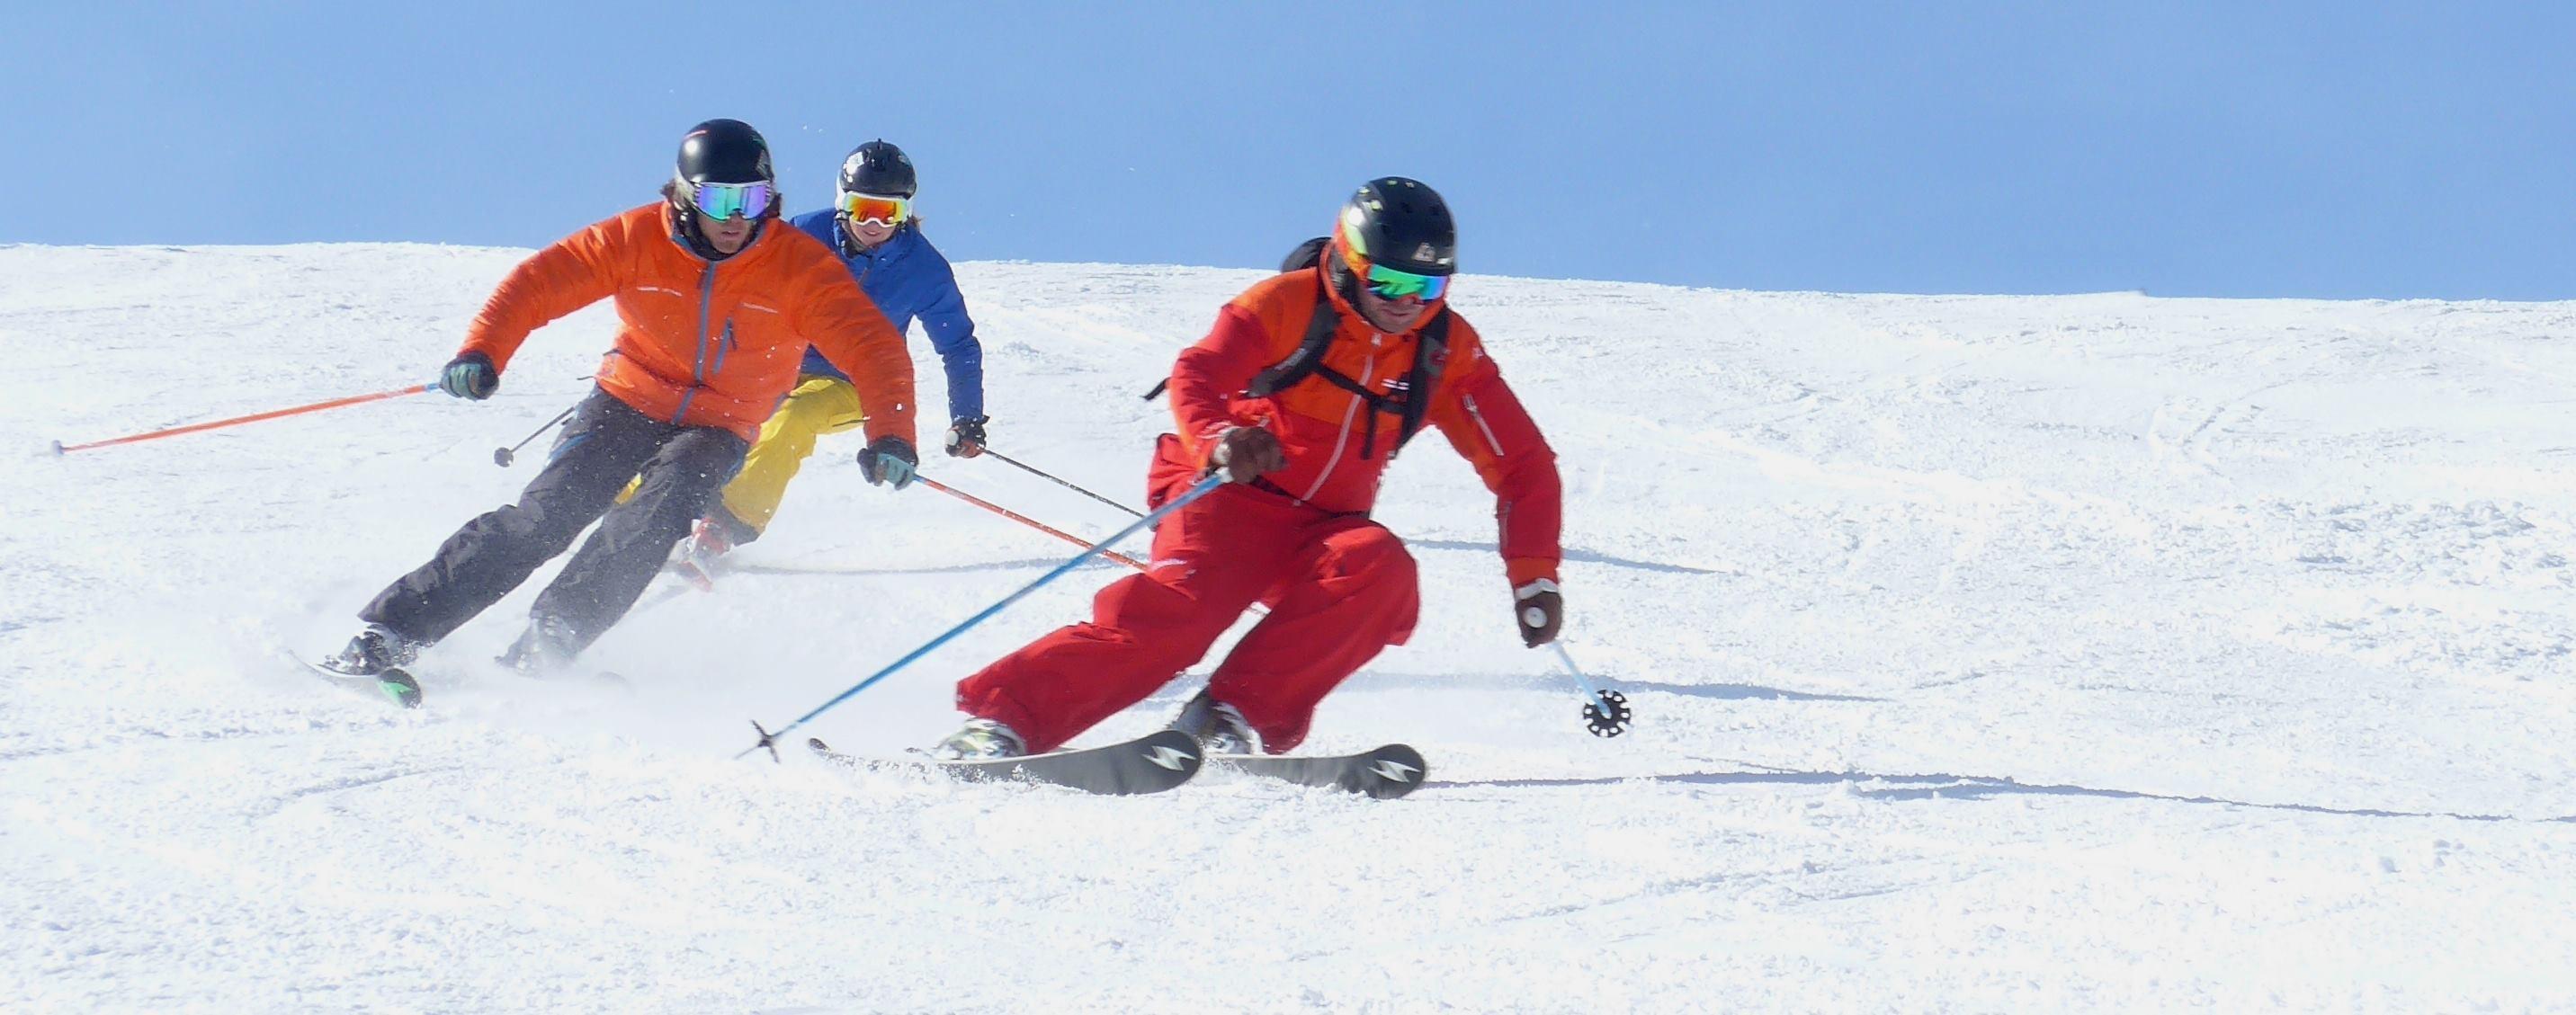 brauche ich als fortgeschrittener schifahrer einen skilehrer